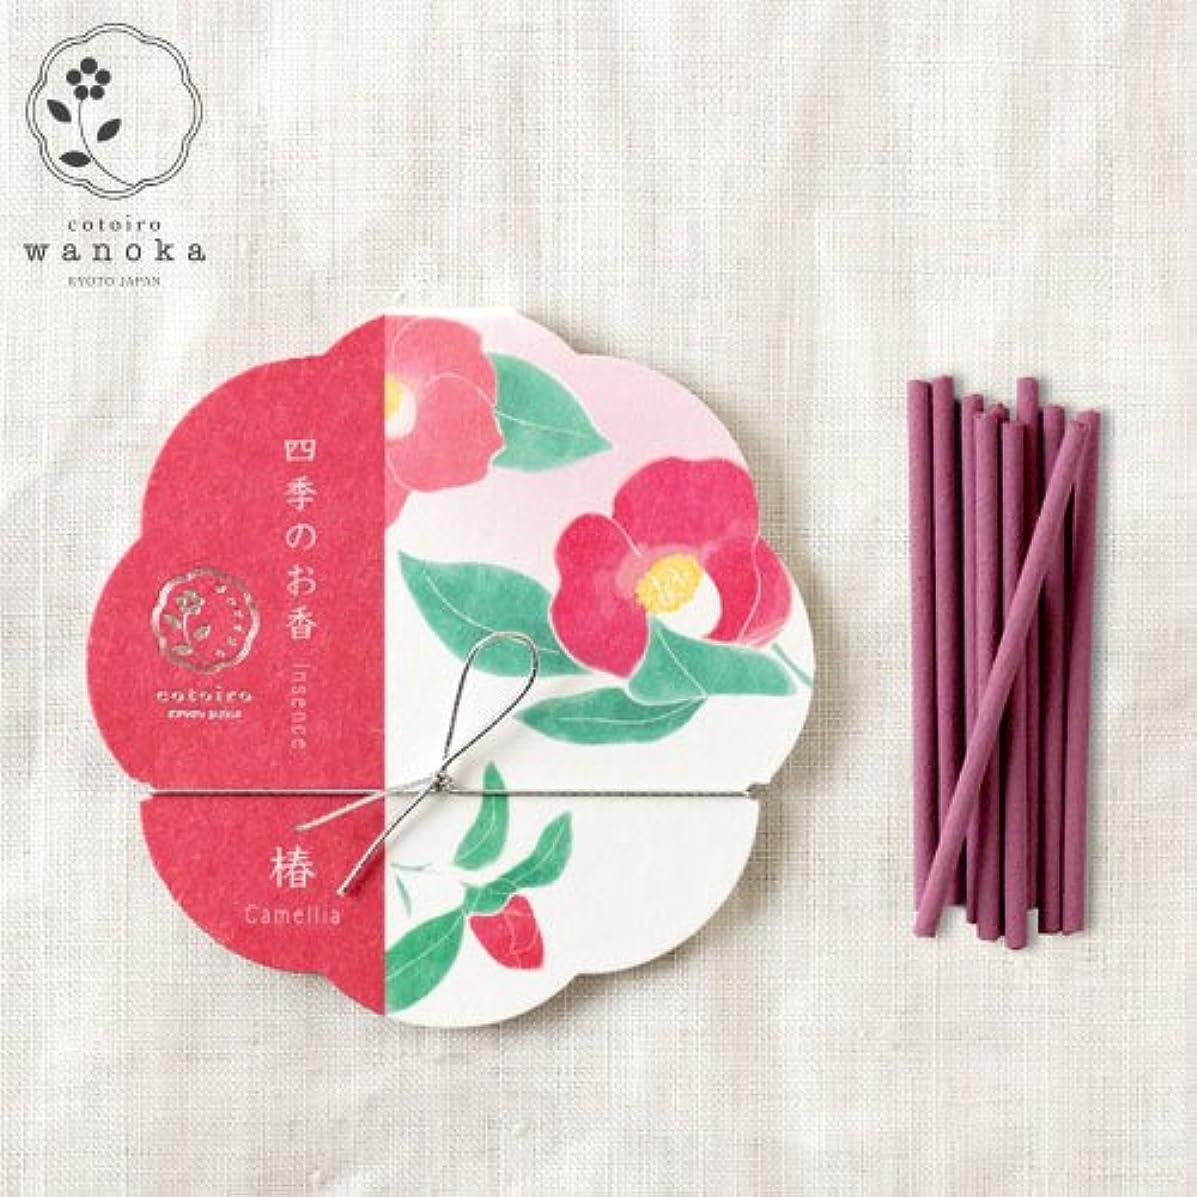 パック毛皮入浴wanoka四季のお香(インセンス)椿《椿をイメージしたおしとやかで深みのある香り》ART LABIncense stick